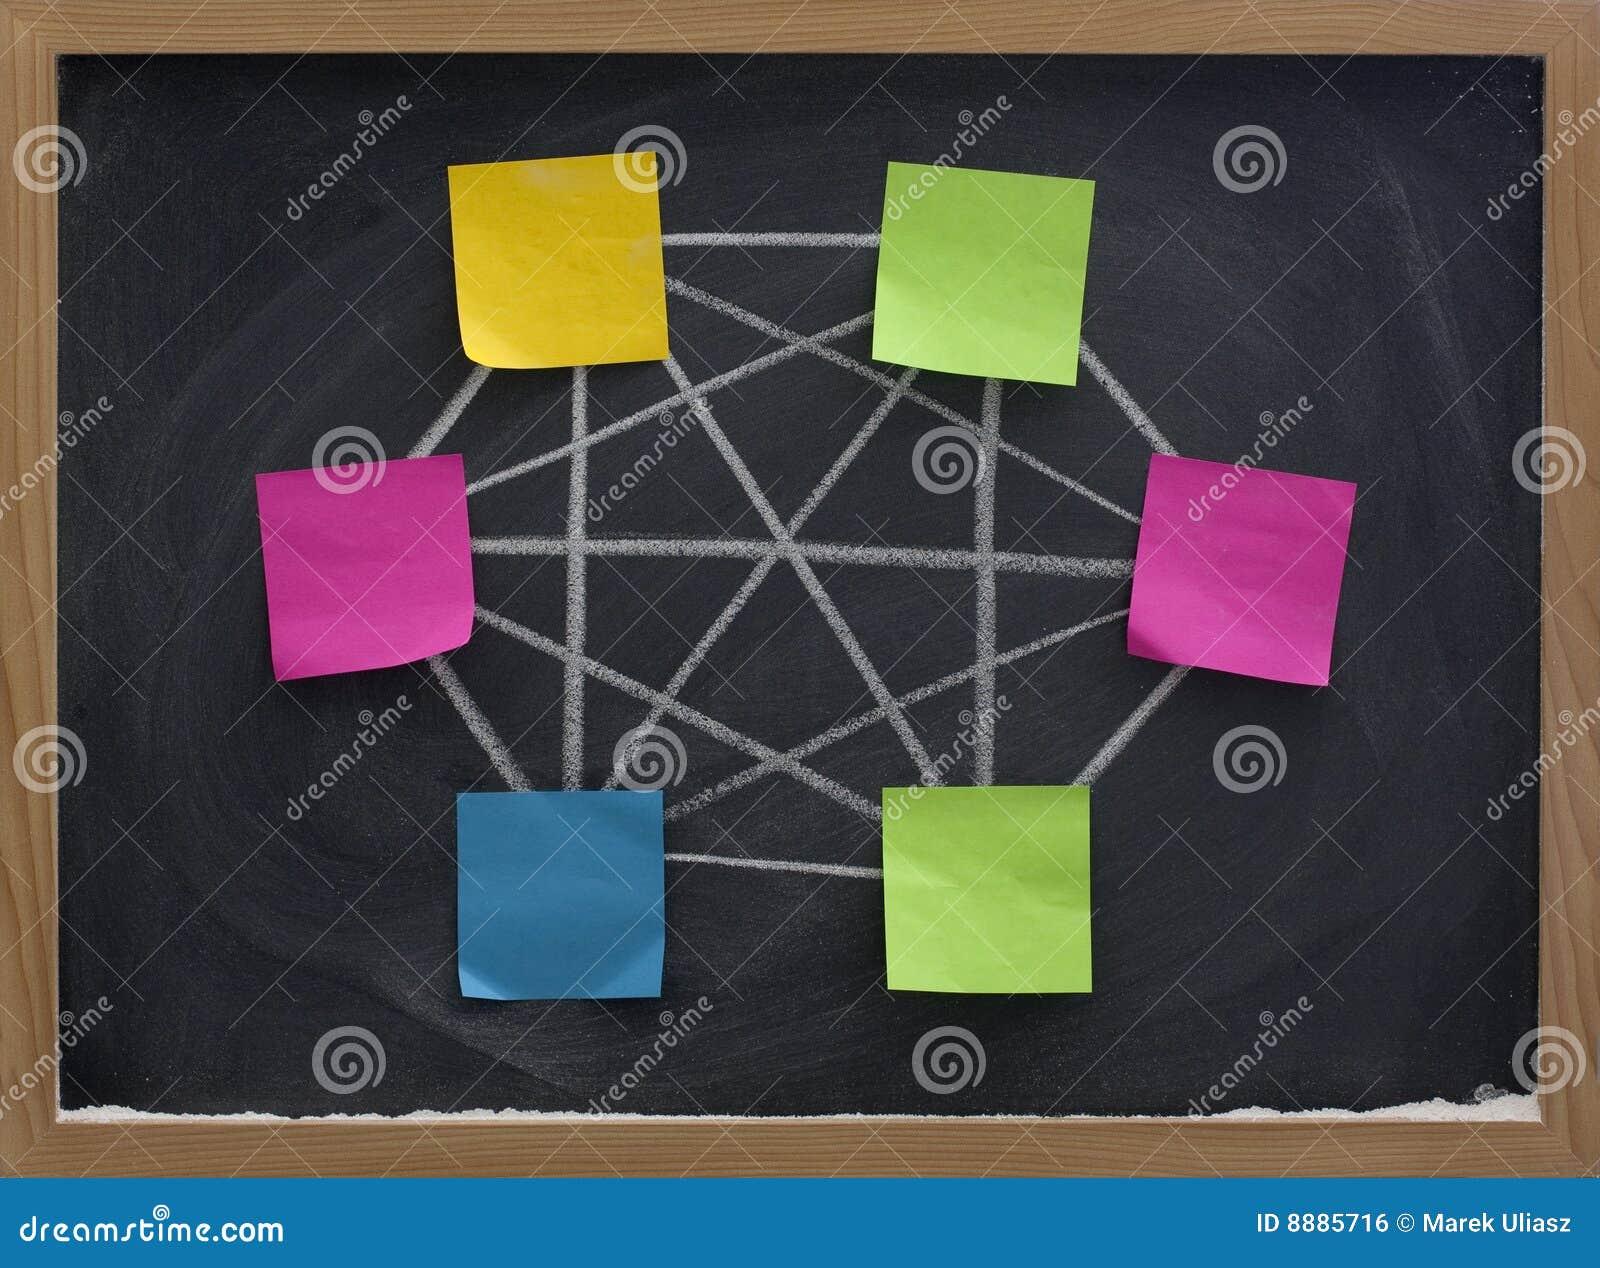 Схема соединений узлов сети